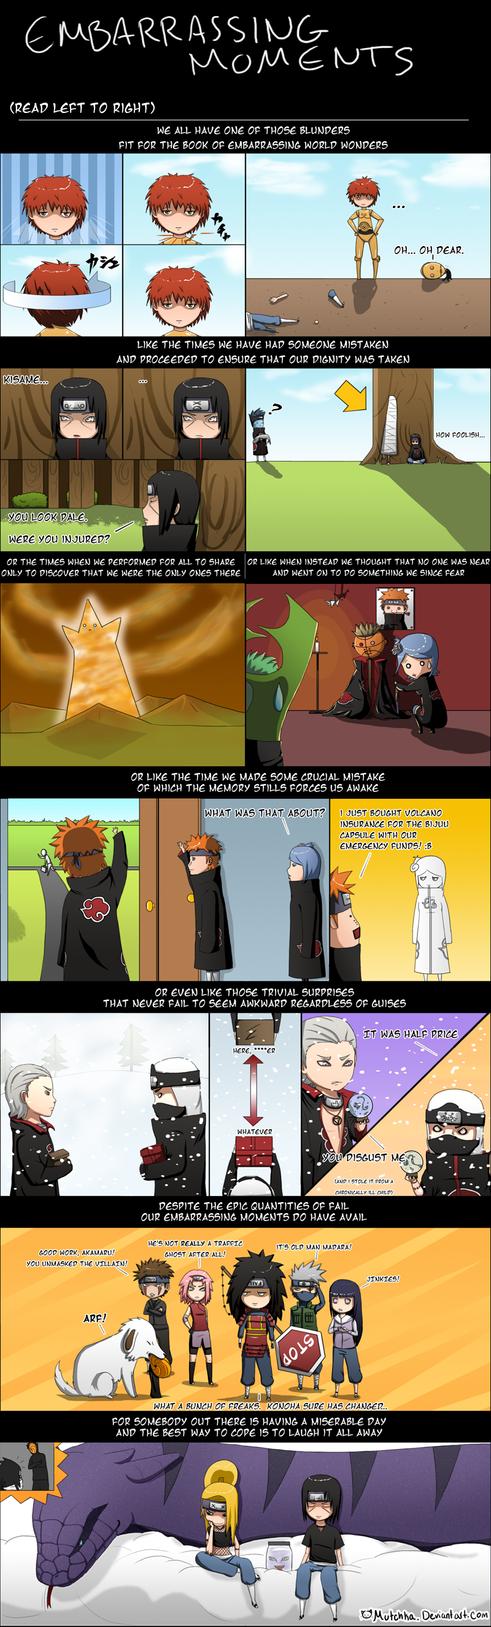 Akatsuki -Embarrassing Moments by Mutchka